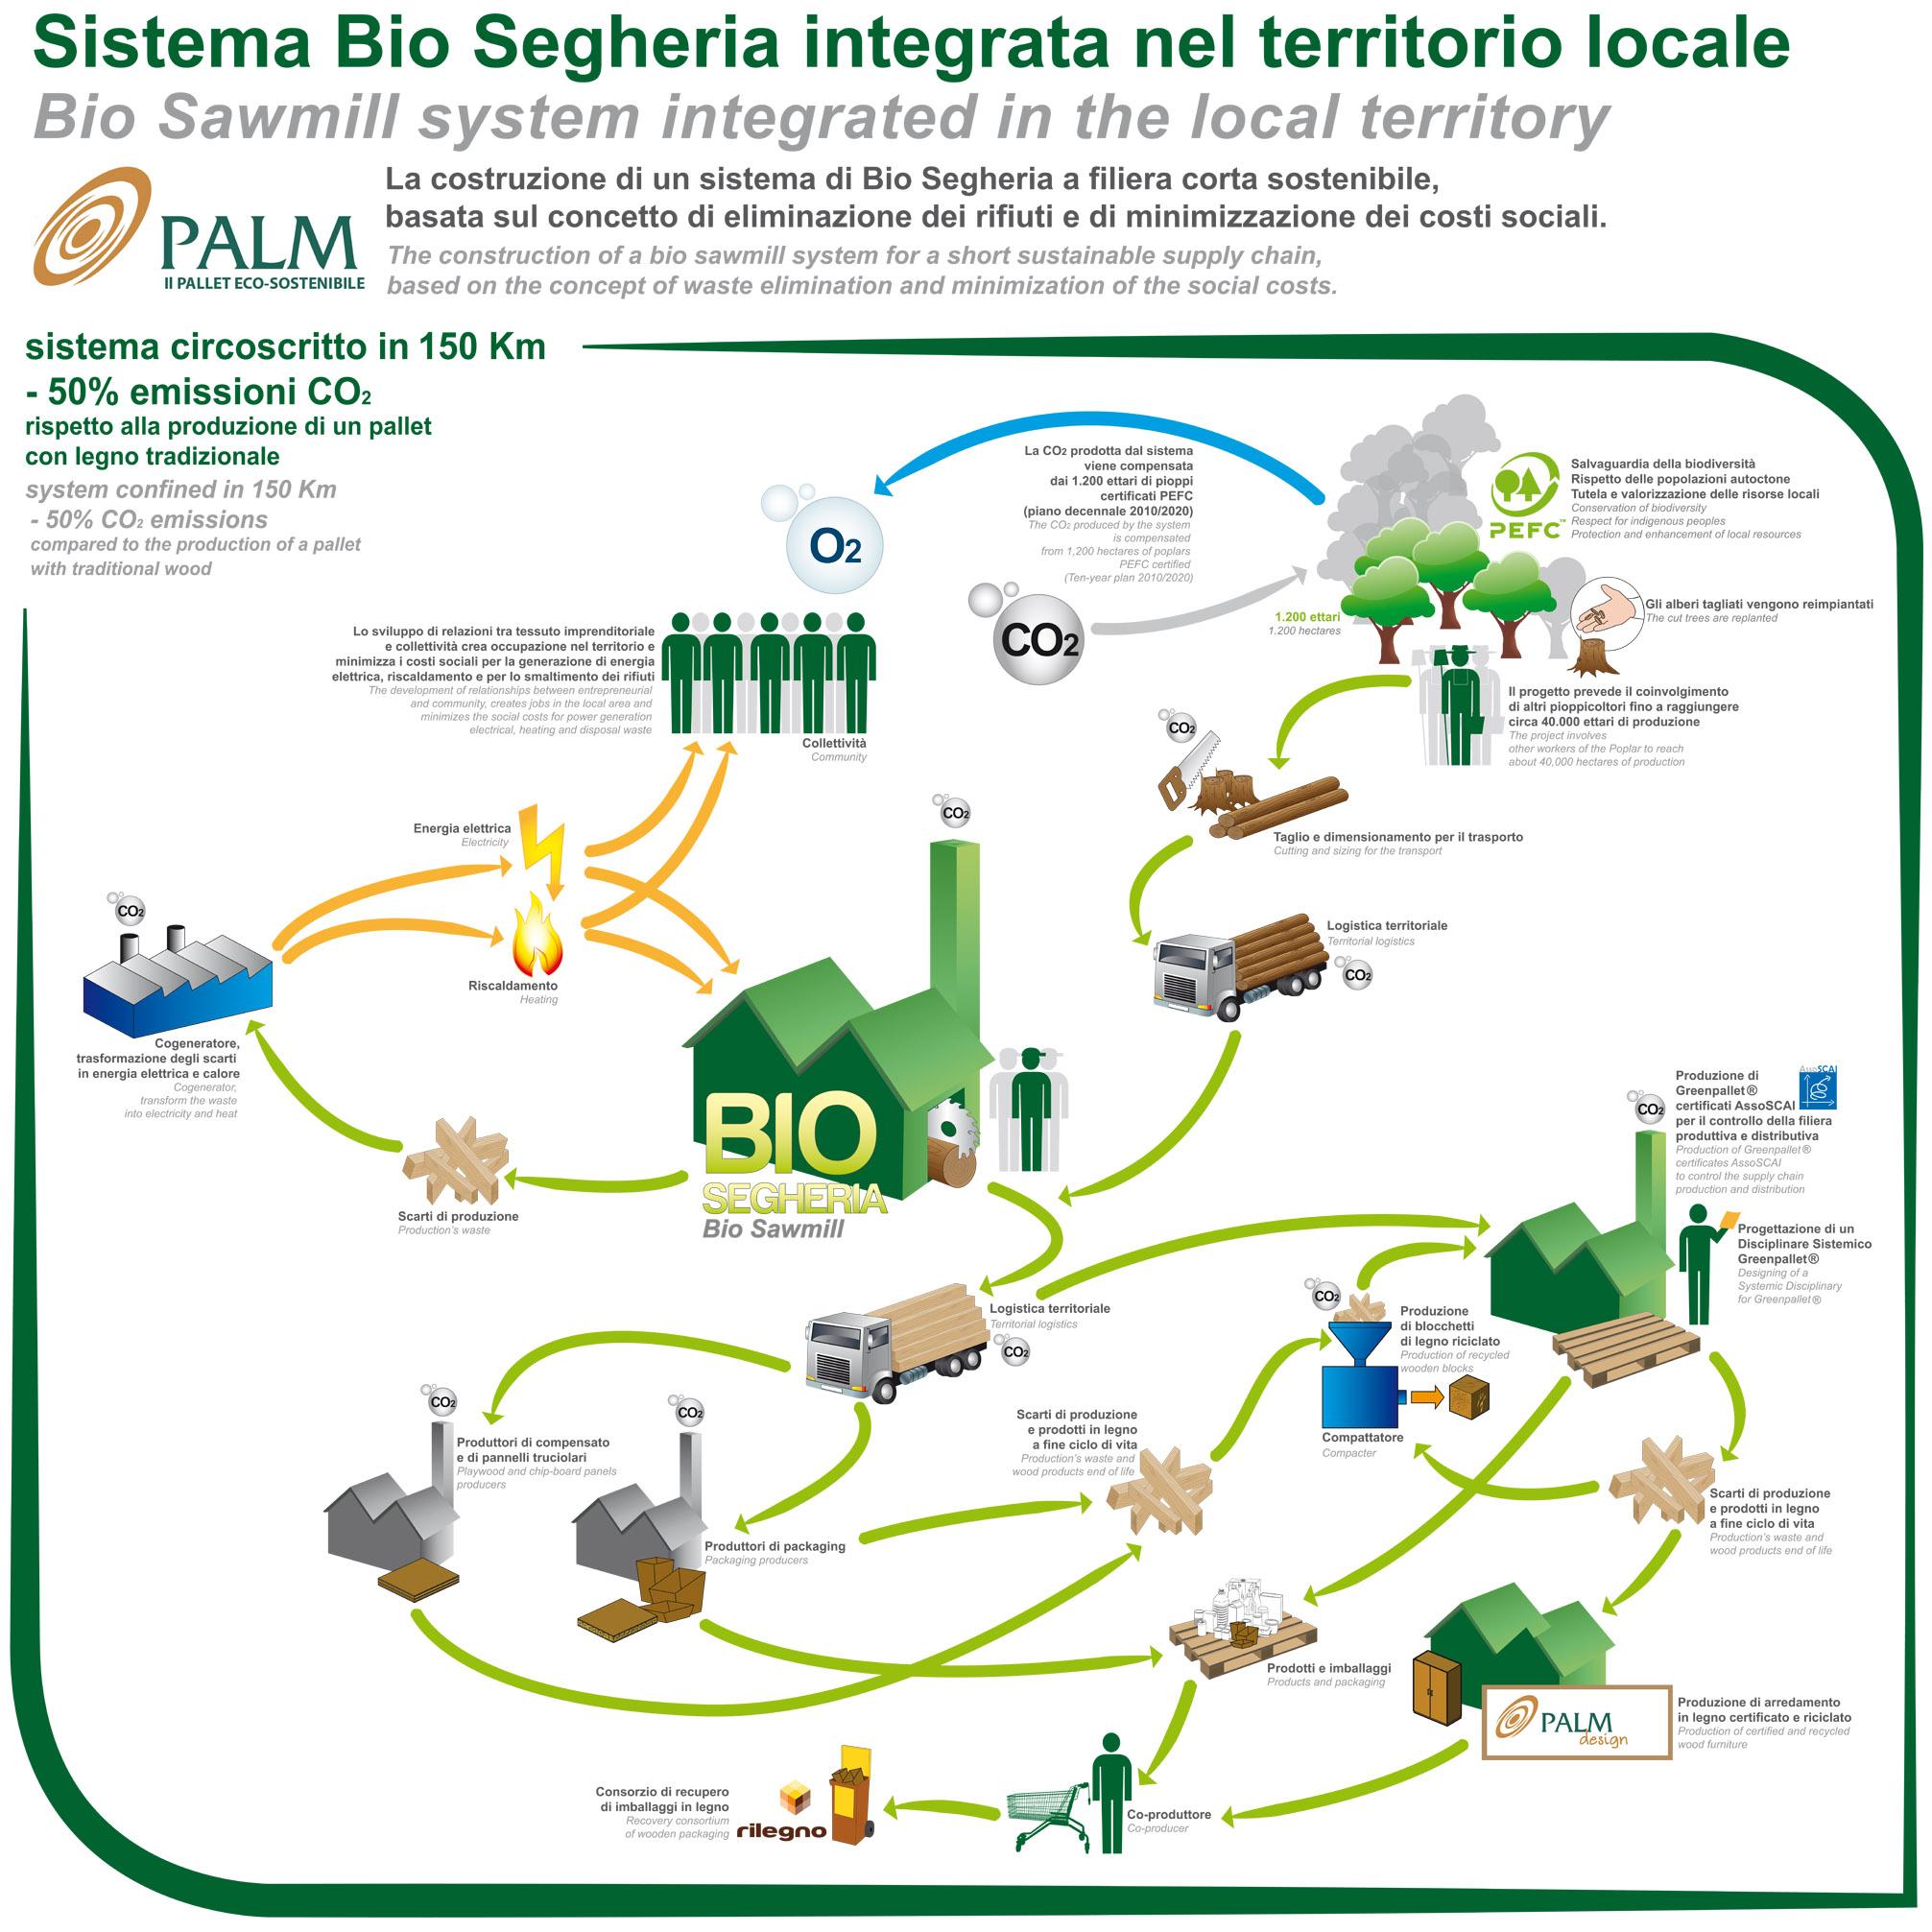 Sistema Bio Segheria - Clicca per ingrandire